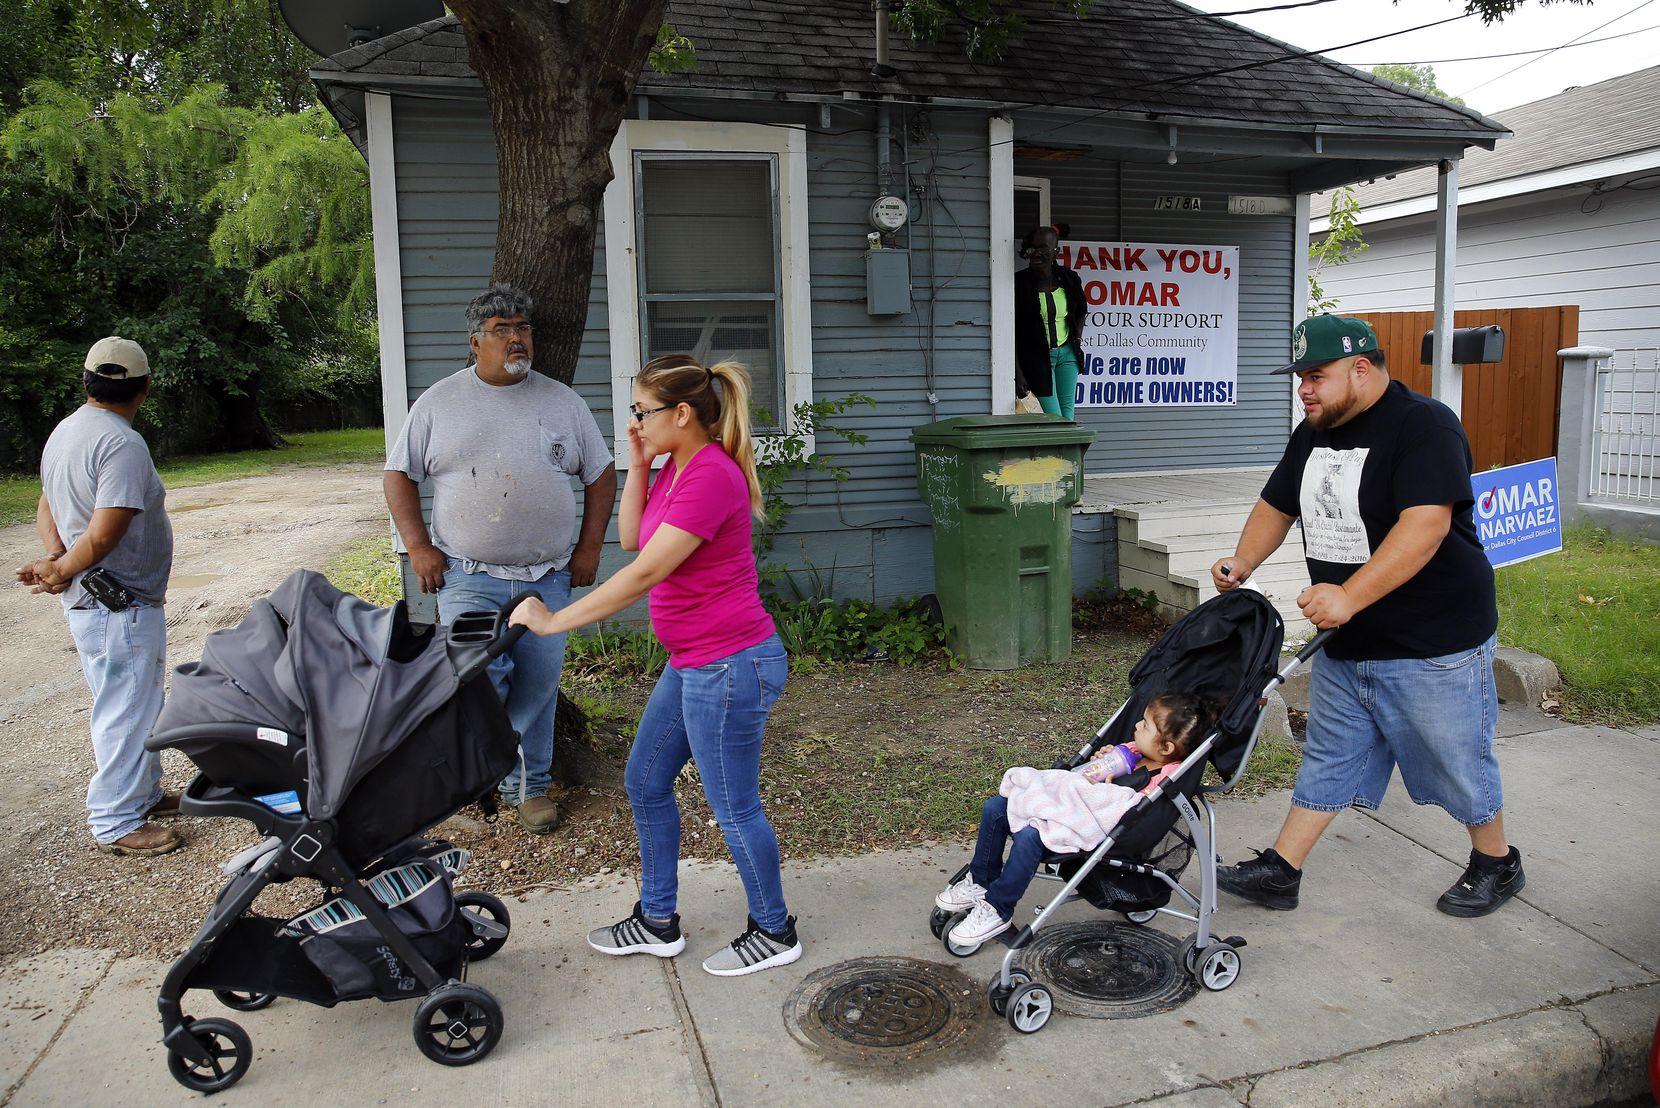 El mes pasado Khraish Khraish anunció que vendería algunas de sus casas a sus arrendatarios. Un fondo de subsidios podría ayudarlos a pagar renta o comprar vivienda. TOM FOX/DMN